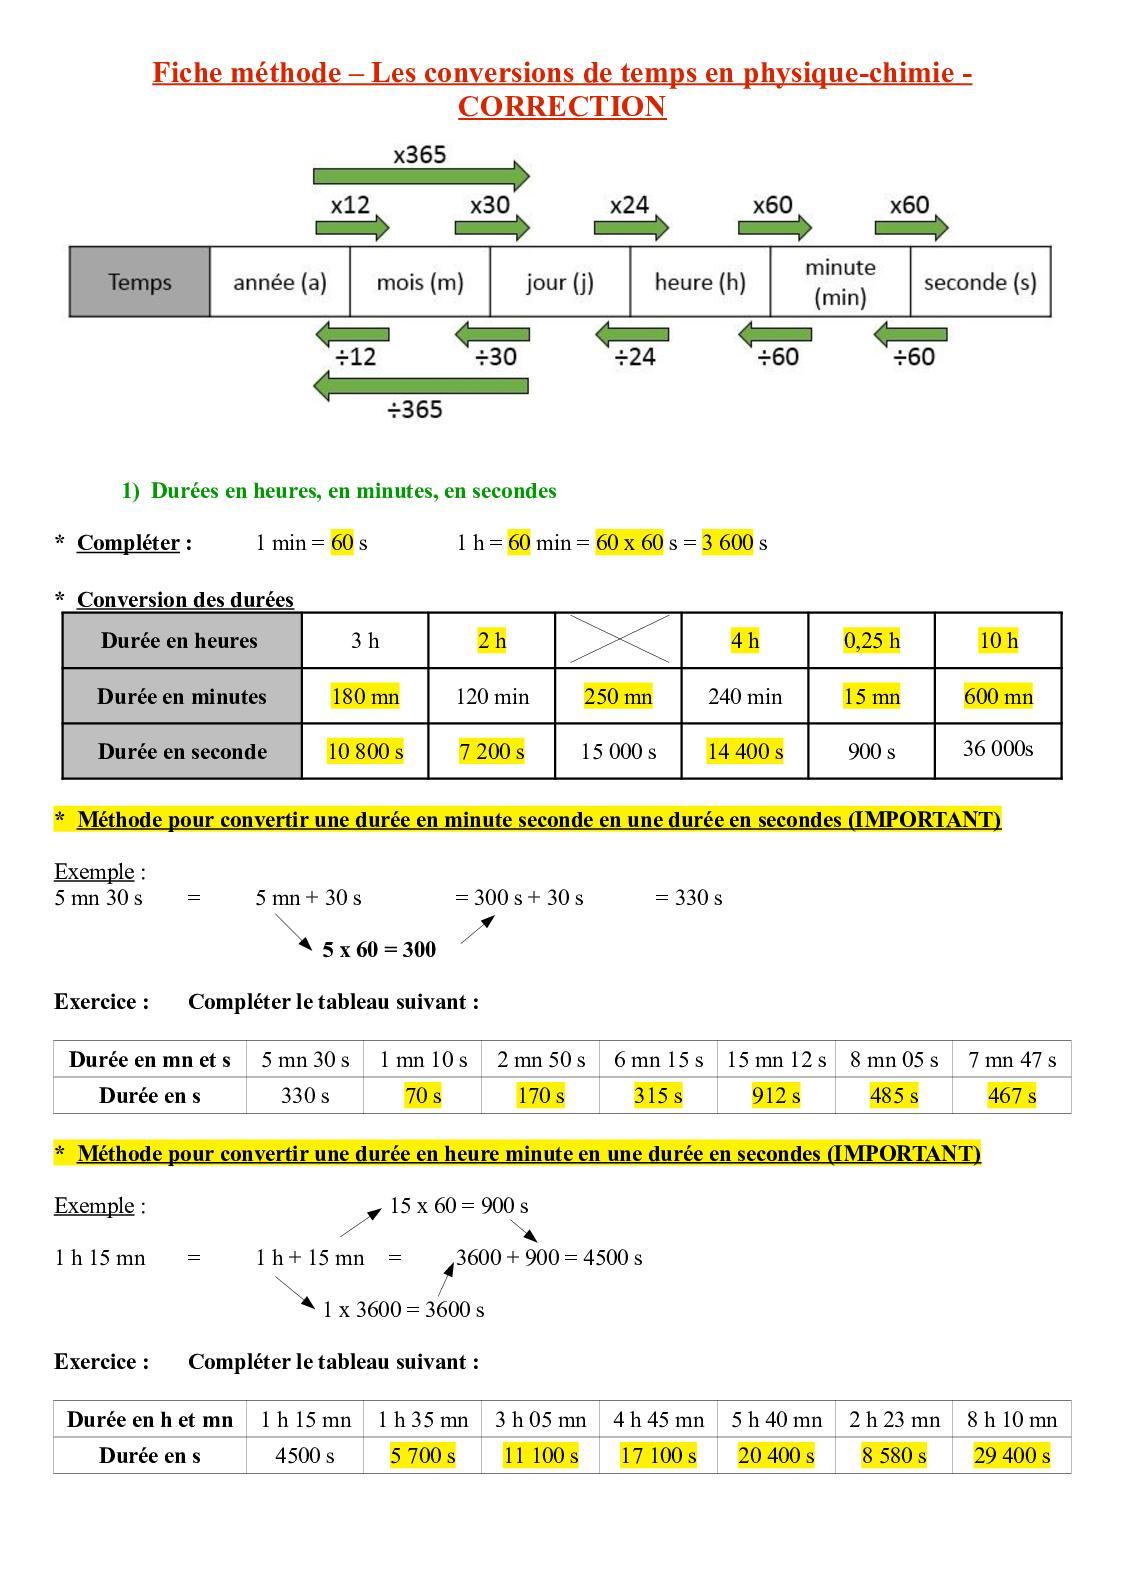 Calaméo - 4e - Conversions de temps CORRECTION